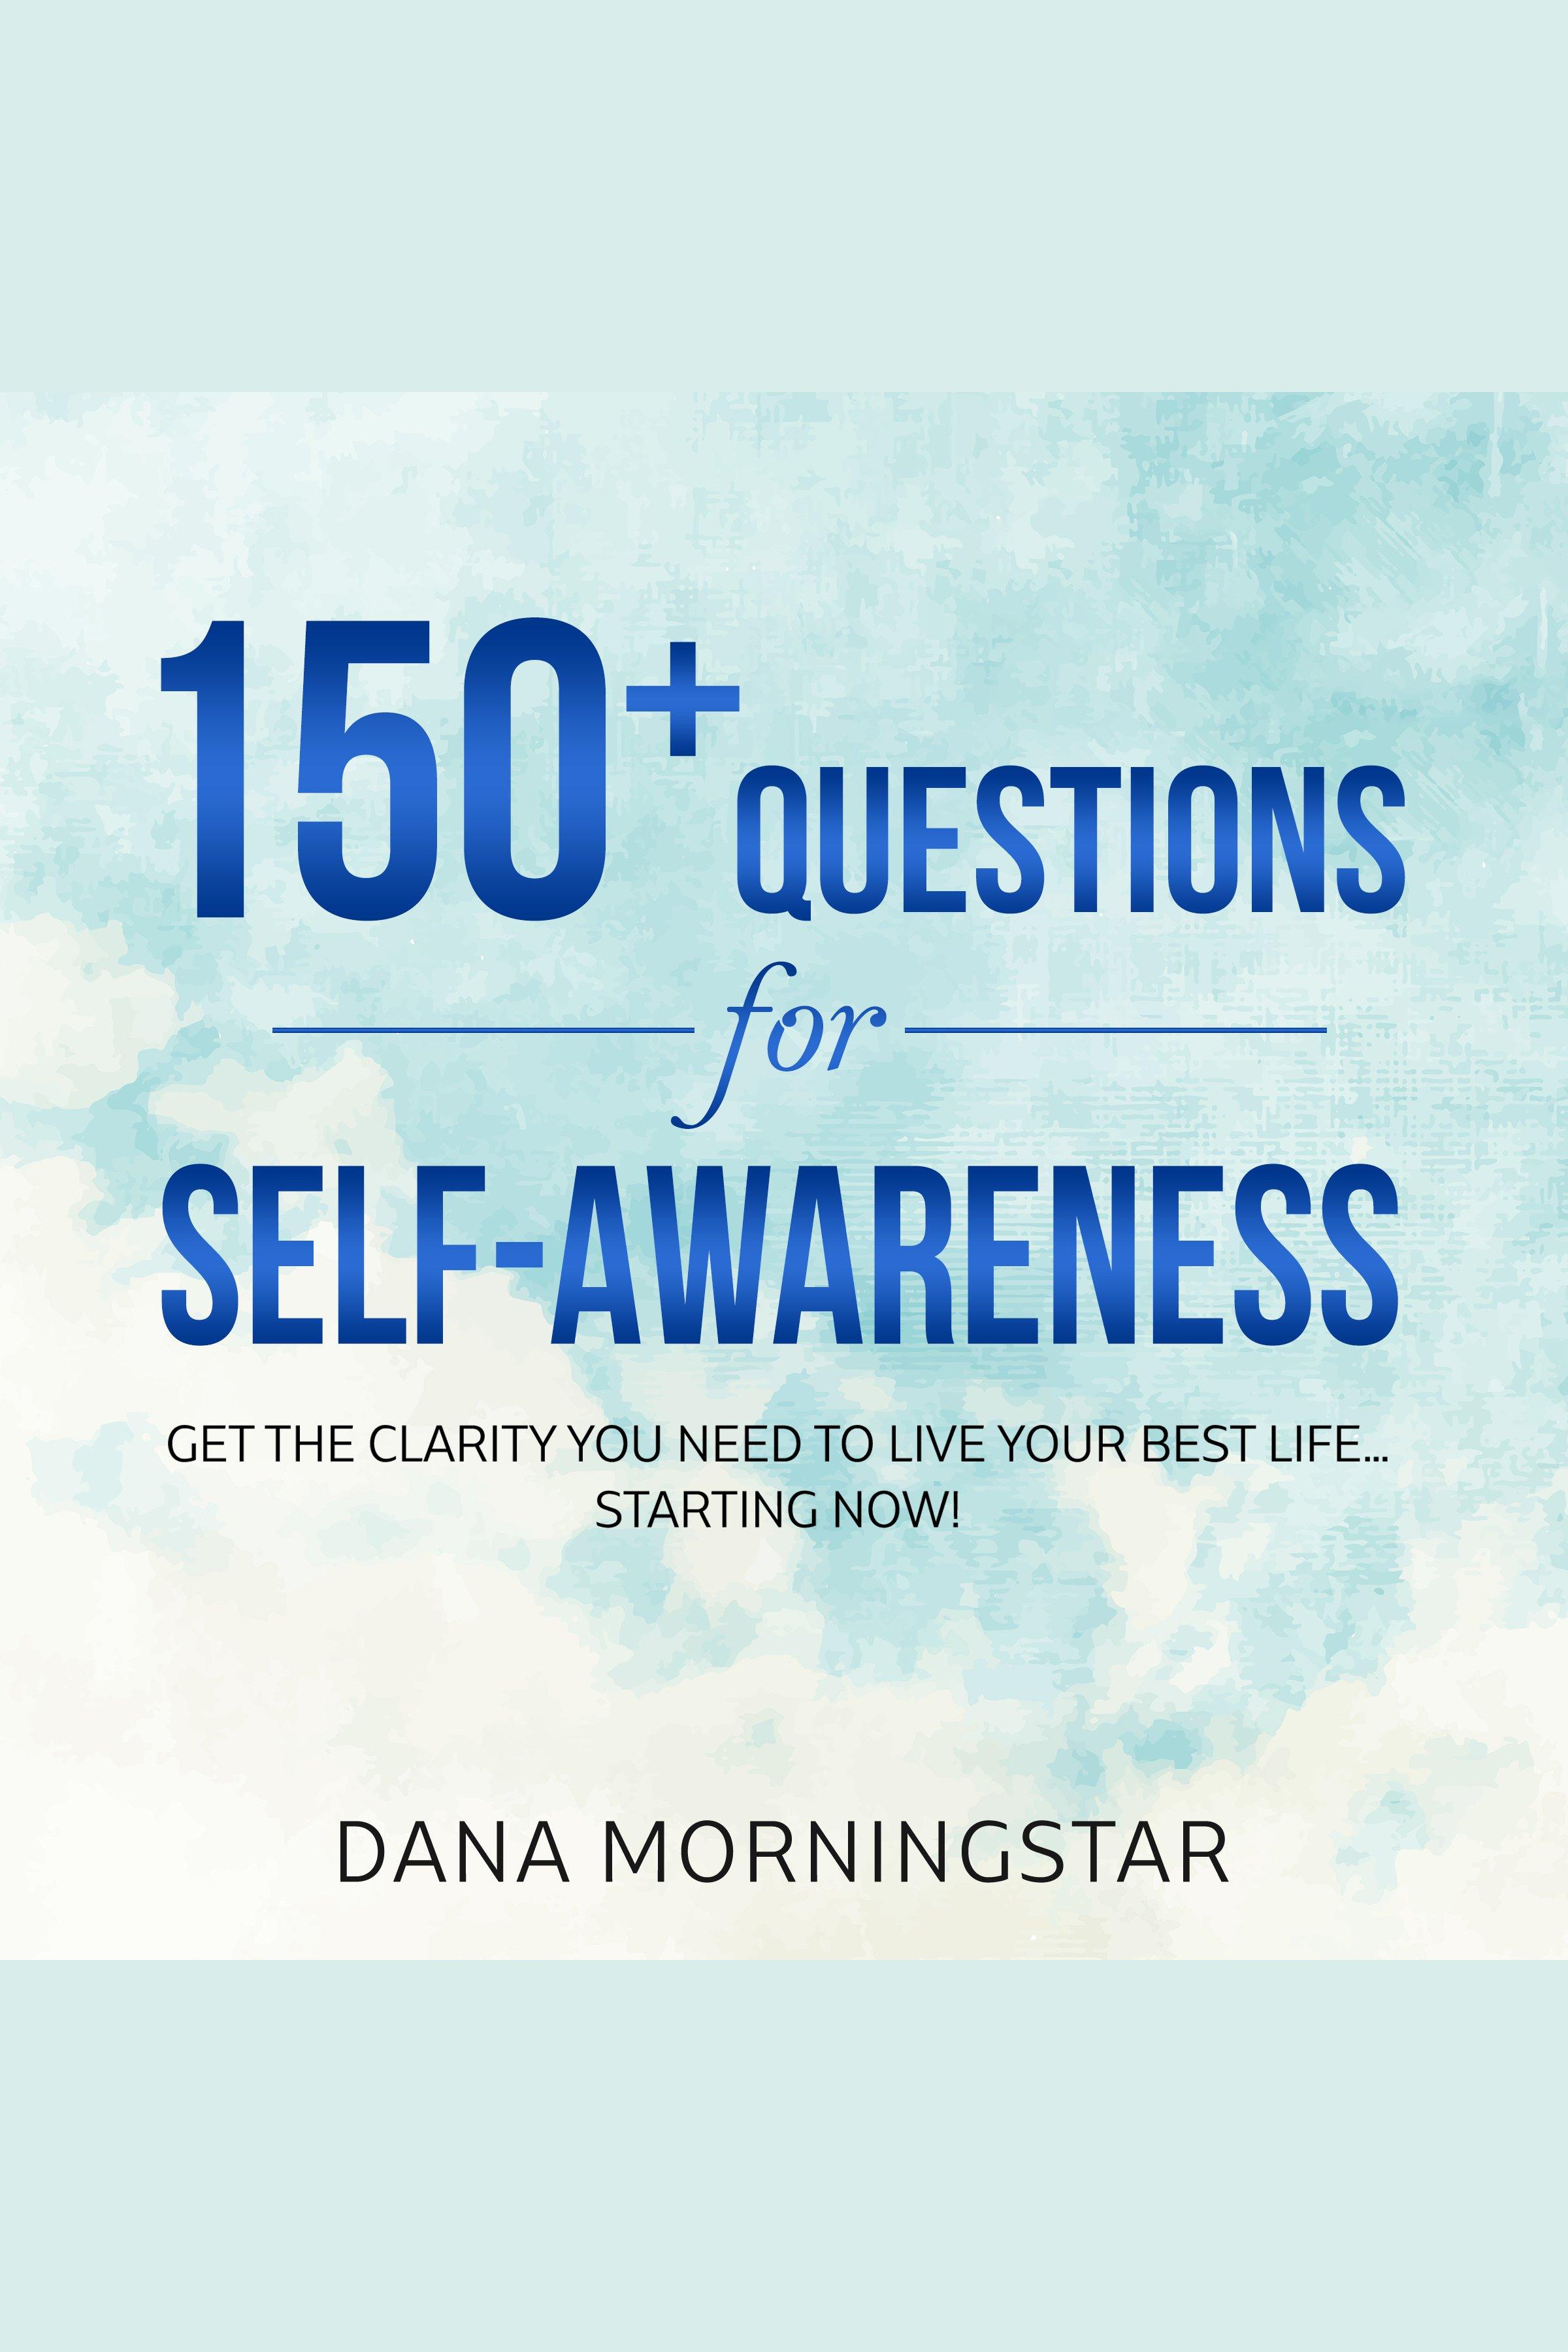 Esta es la portada del audiolibro 150+ Questions for Self-Awareness